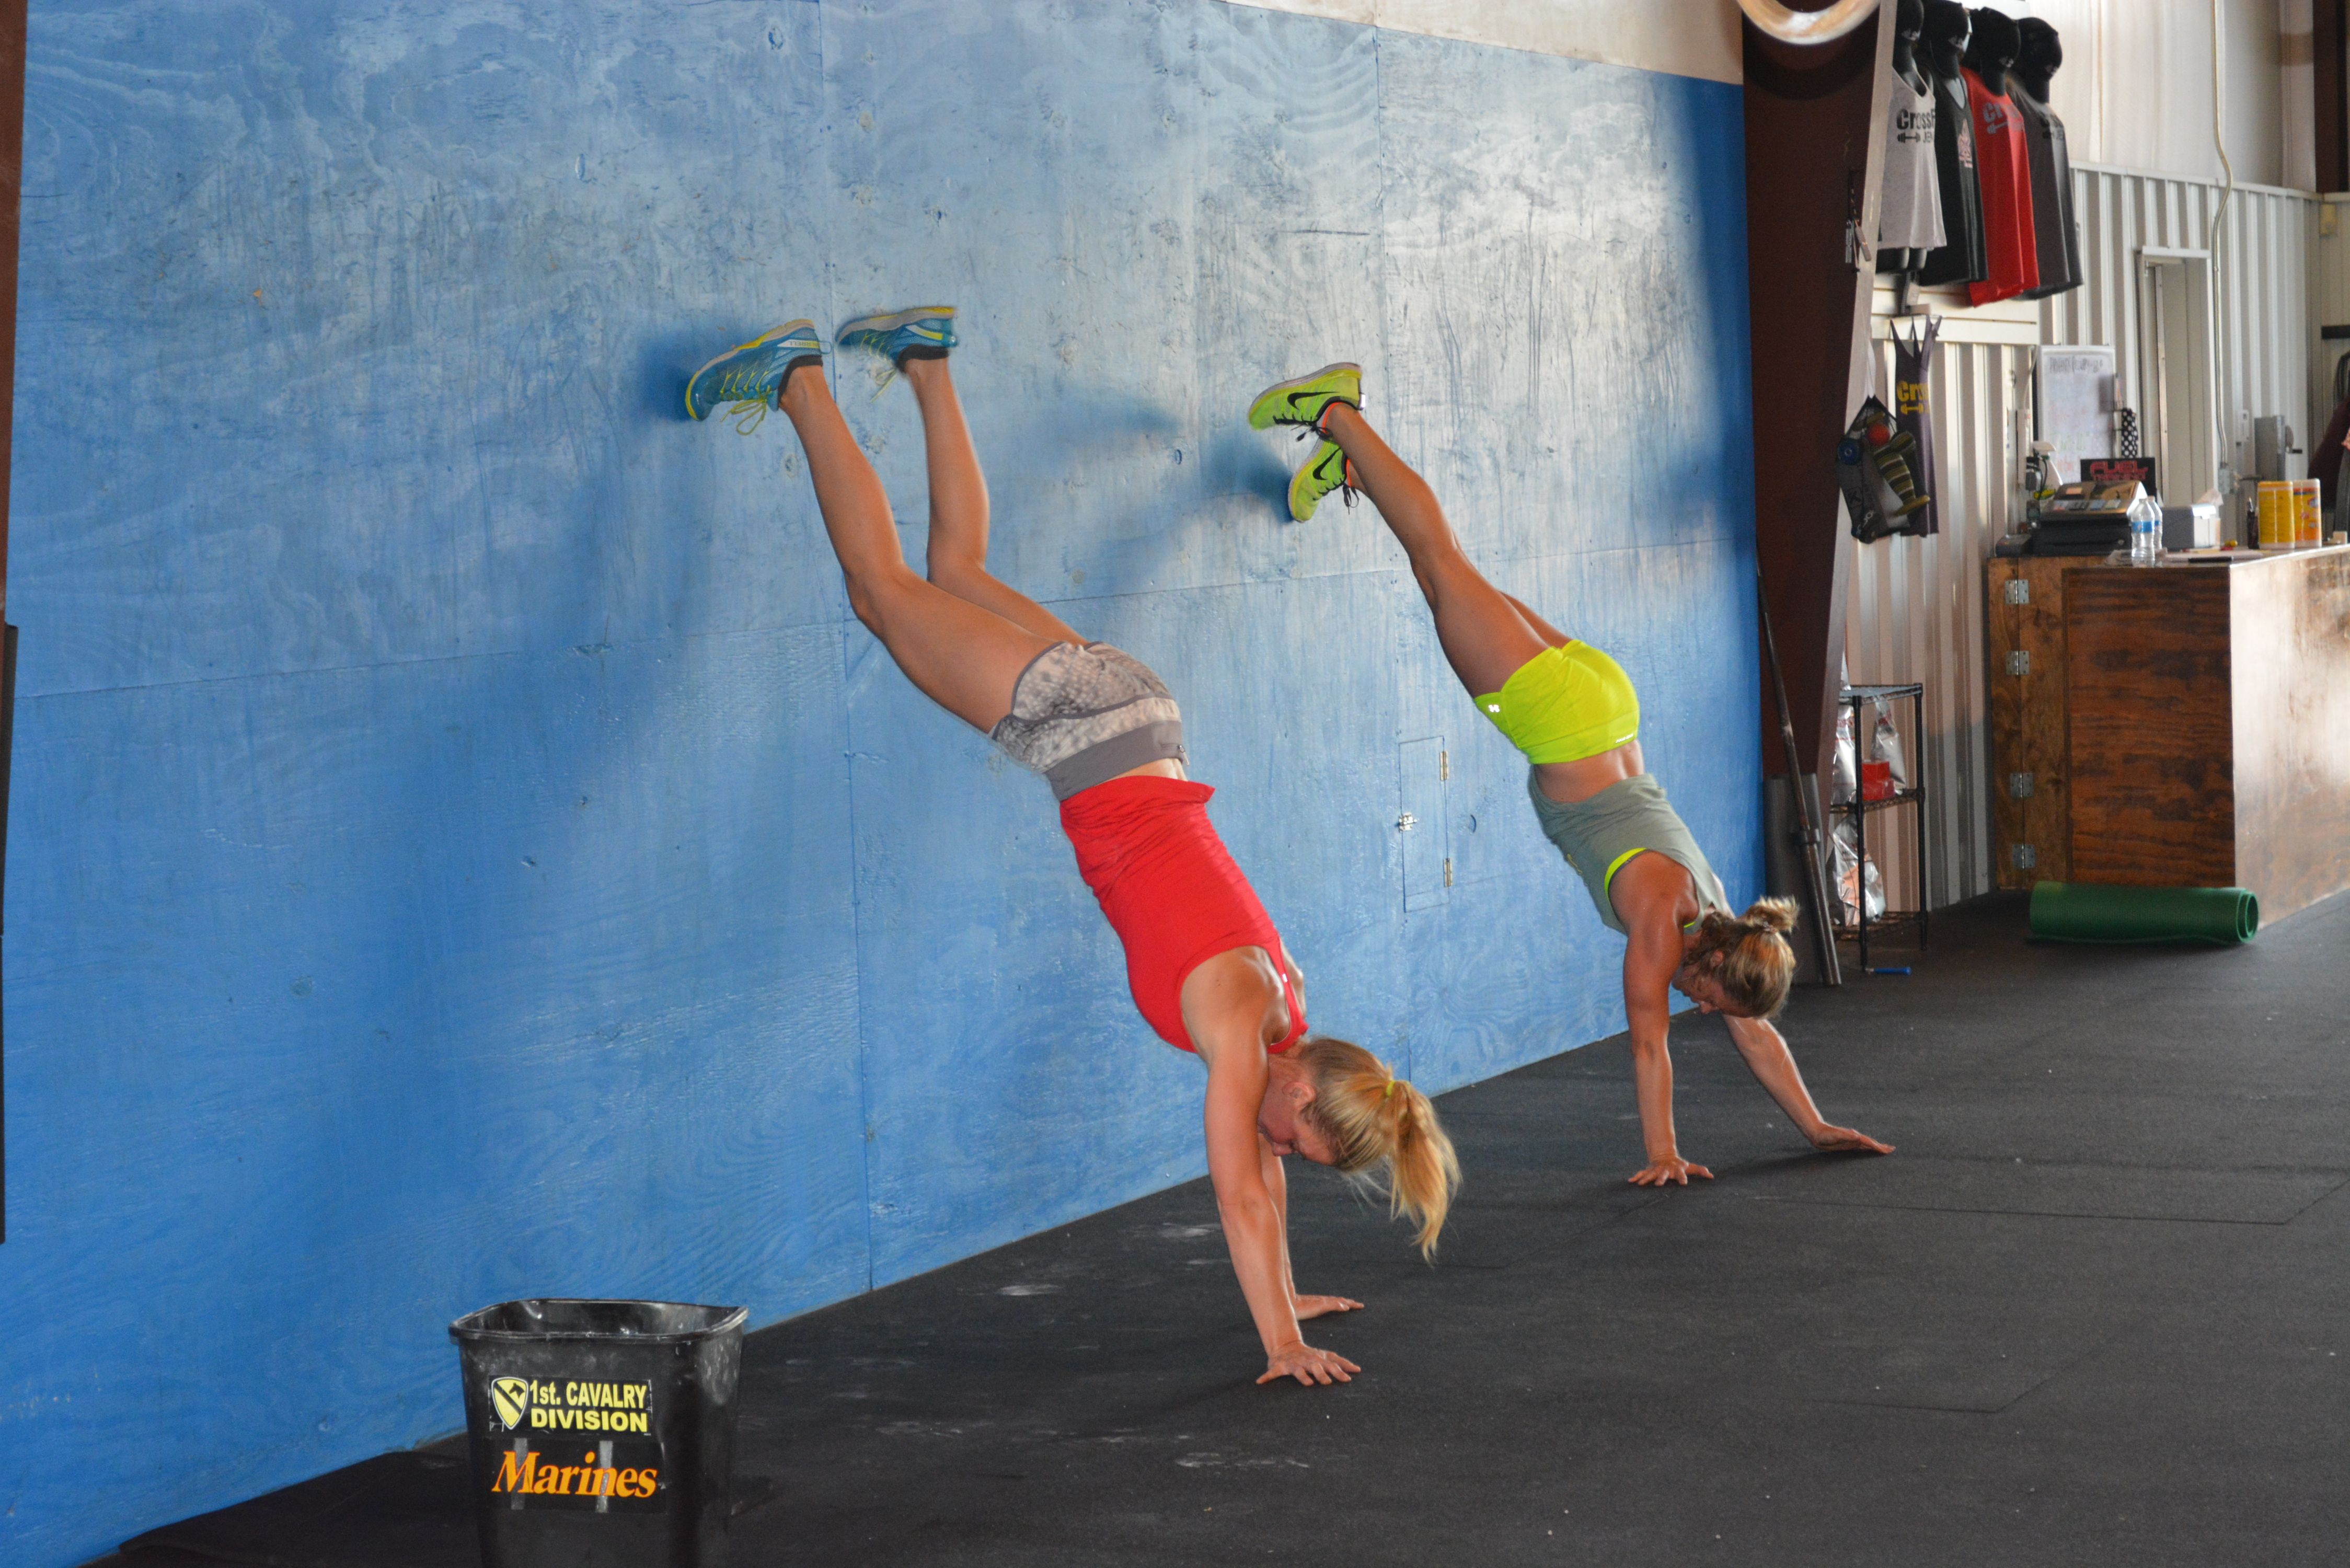 Resultado de imagen de wall climb crossfit